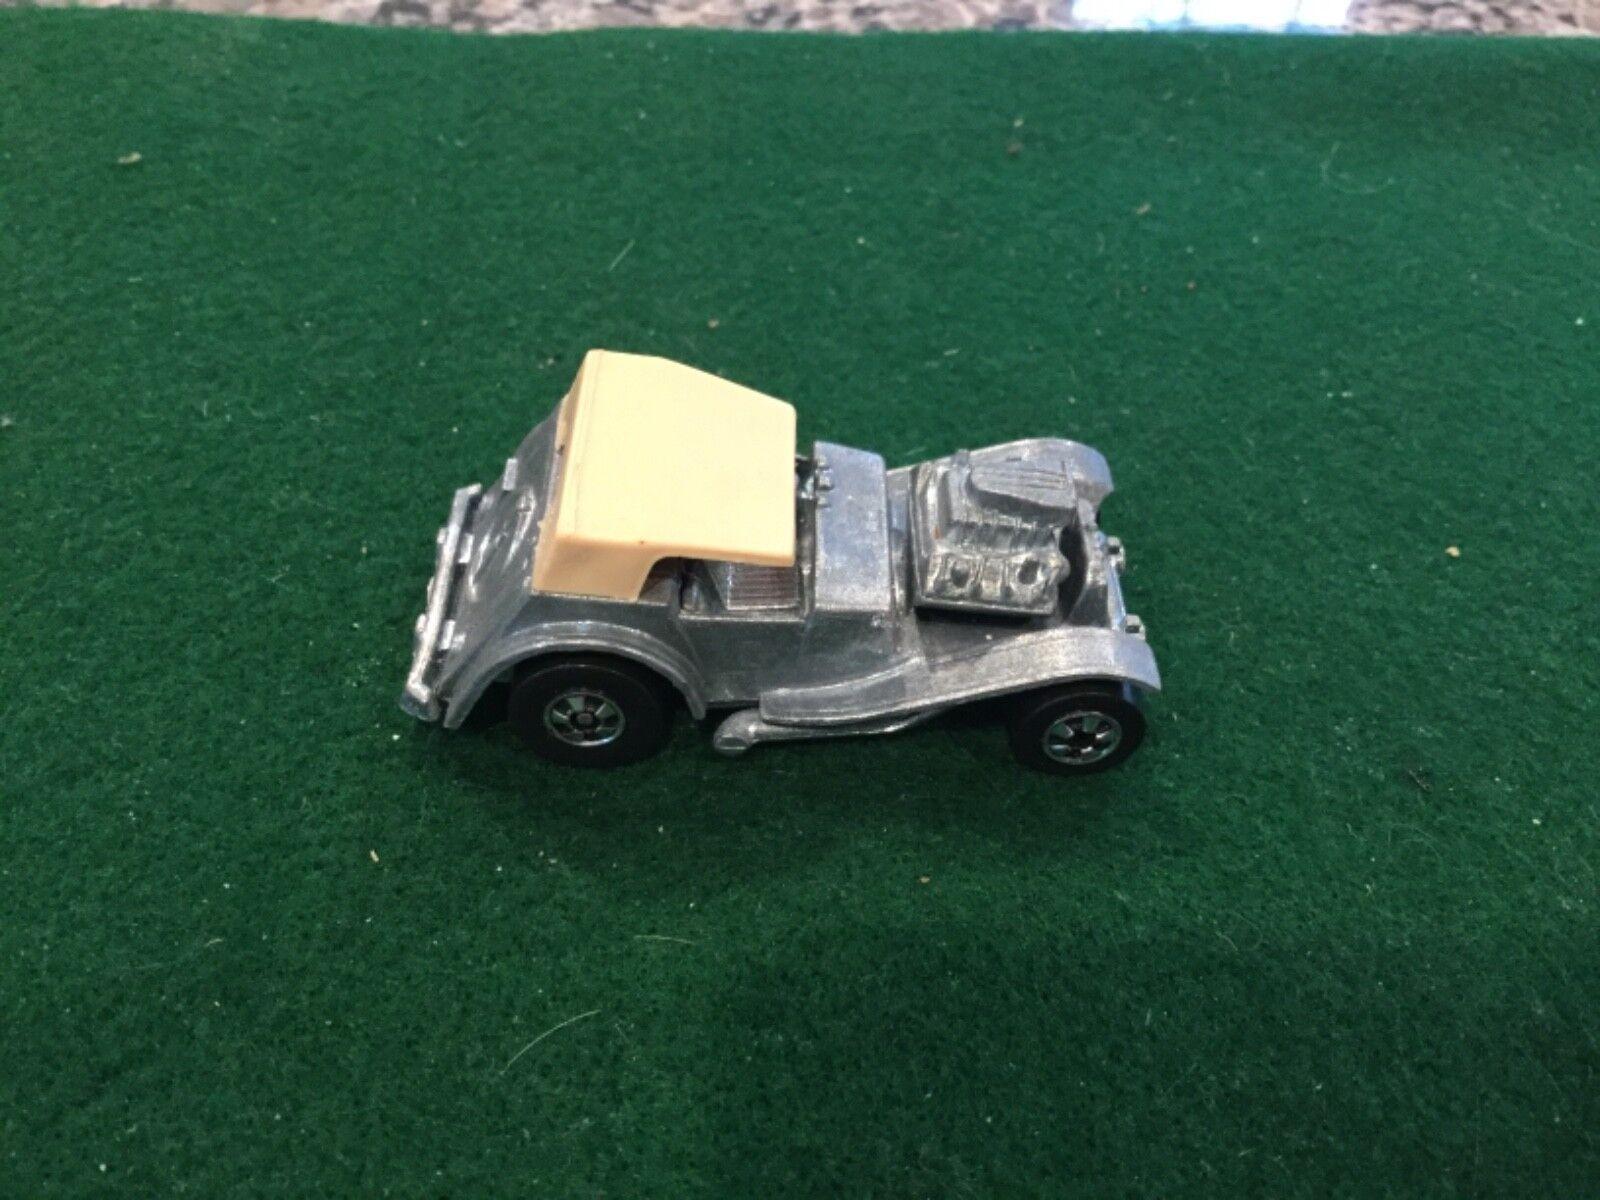 1973 1 64 hw sir rodney roadster - unlackiert zamac - in frankreich